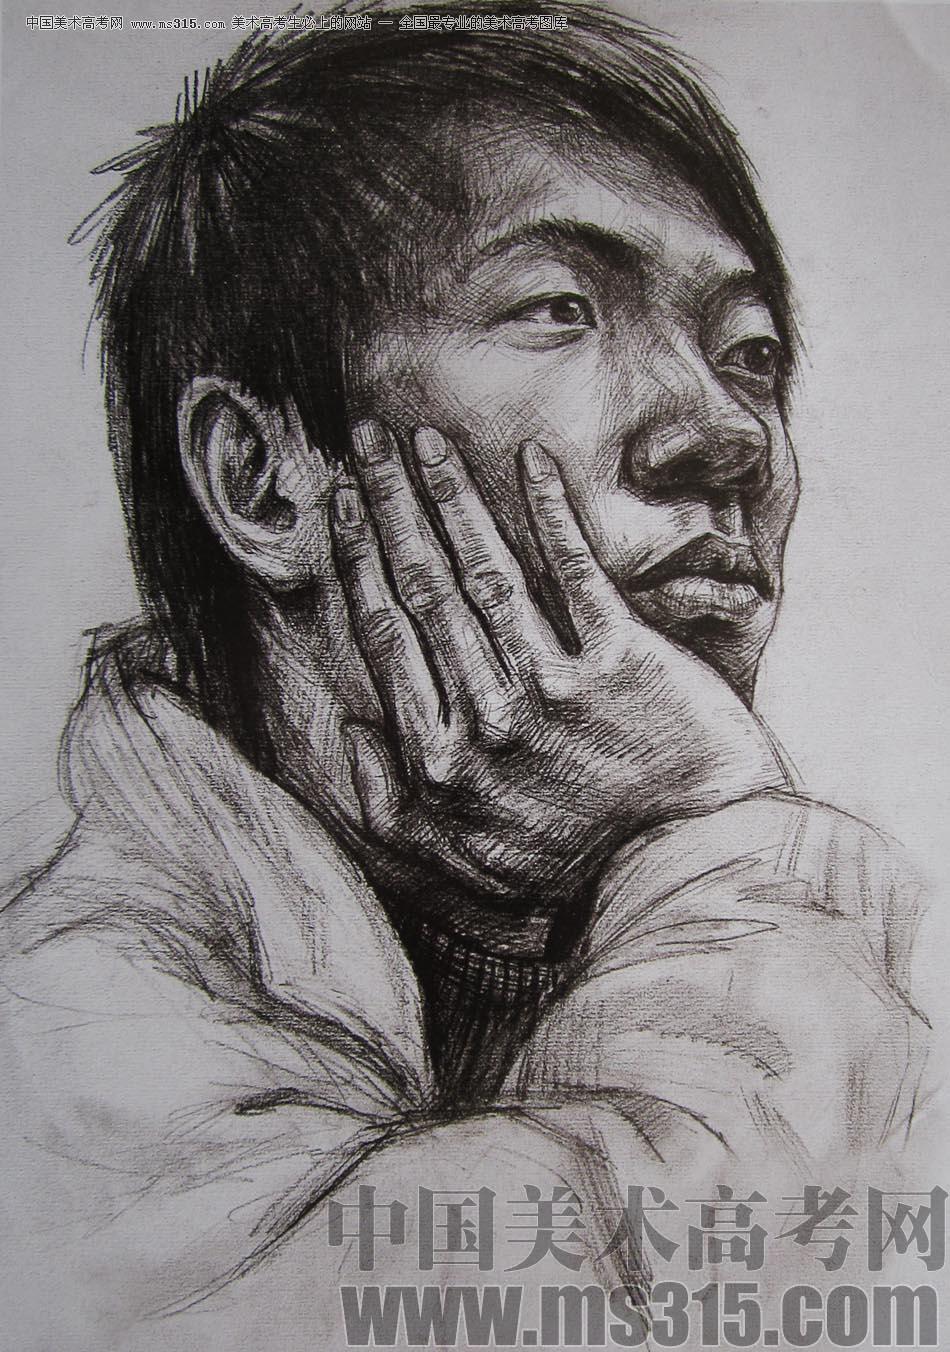 2010-2011年天津美术学院素描优秀试卷131(艺术设计,工业设计,动画)